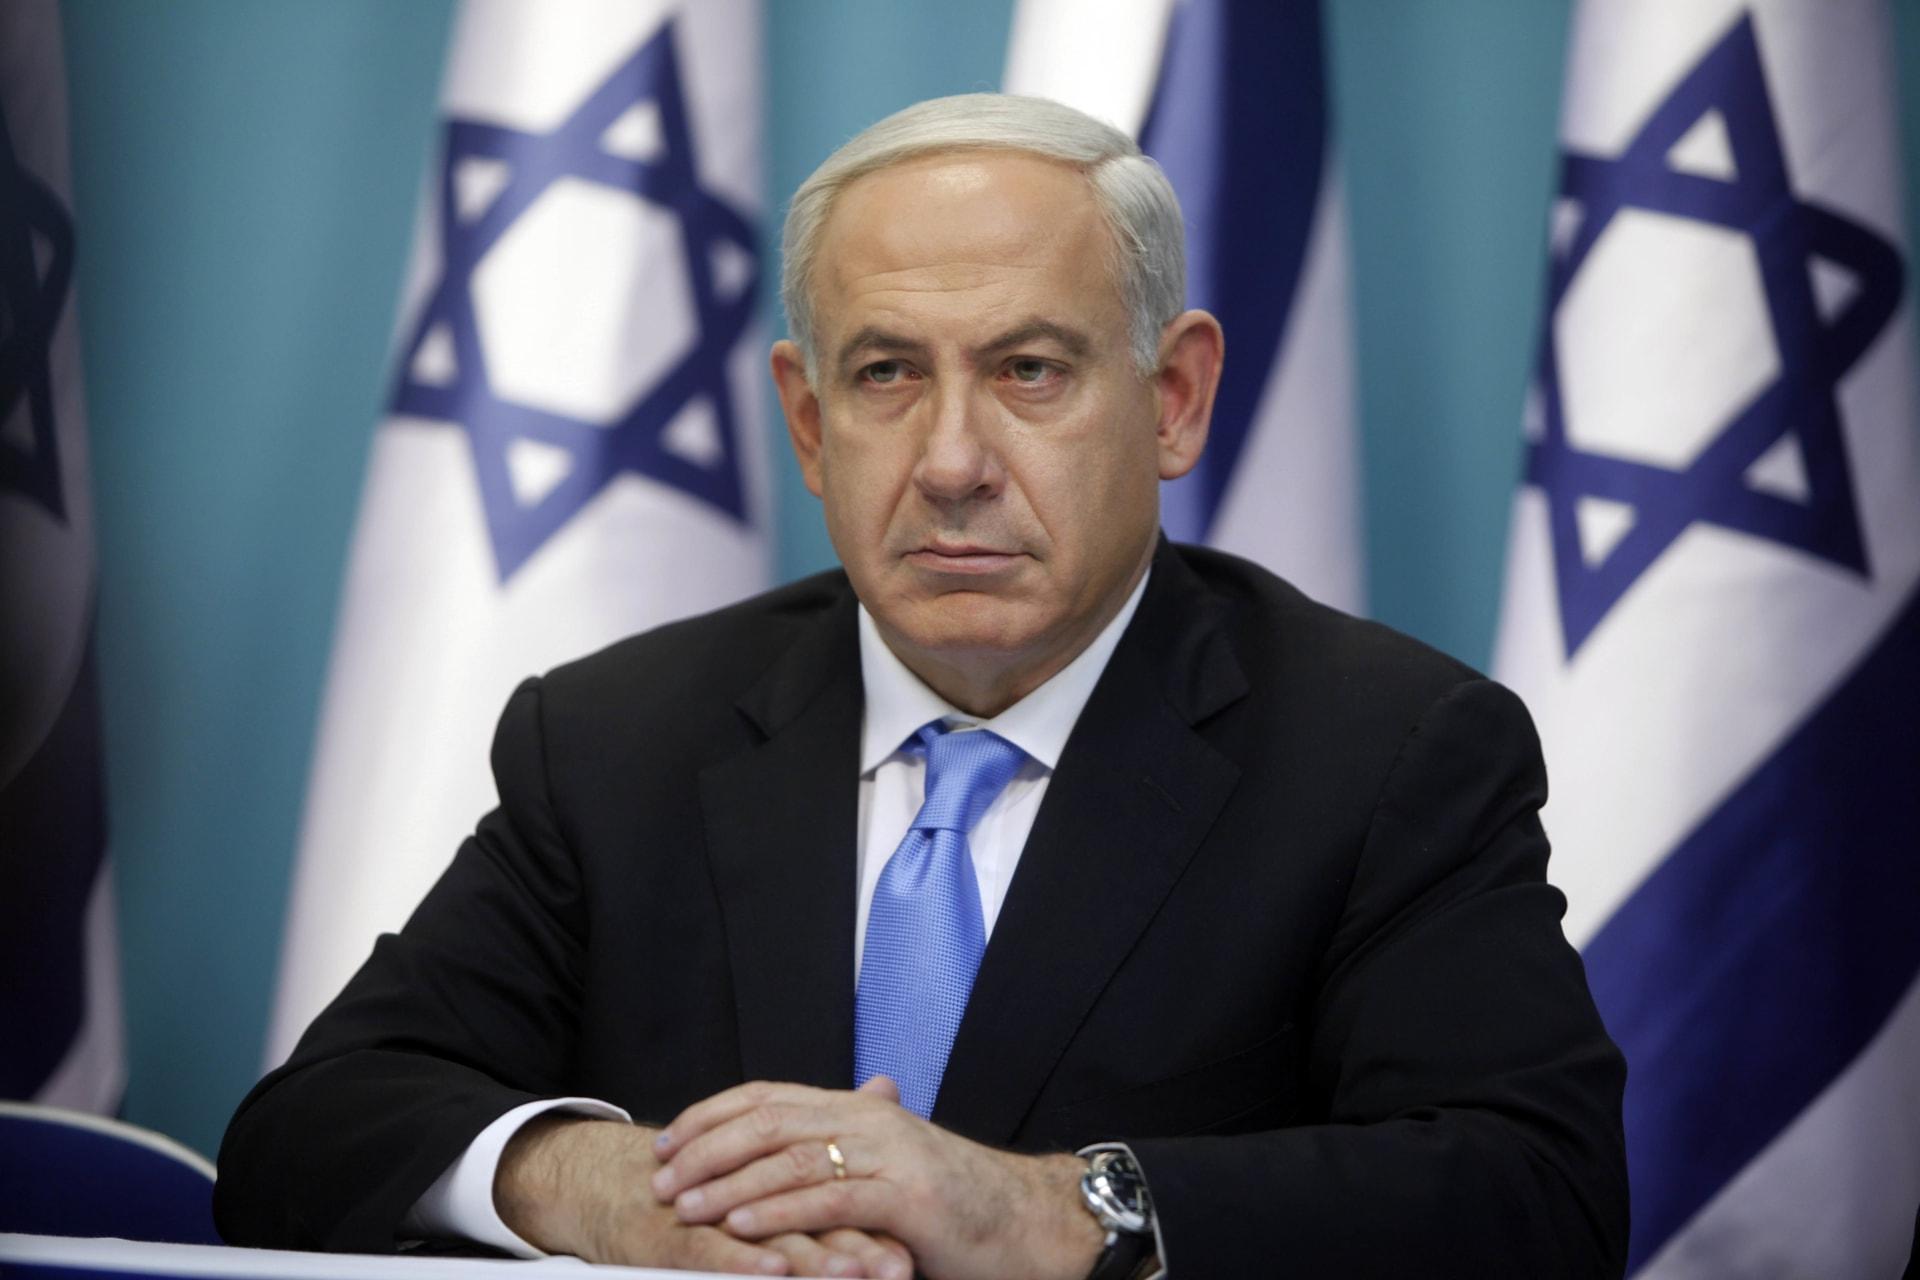 بمناسبة رمضان.. نتنياهو يوجه رسالة لشعوب الدول التي طبعت علاقاتها مع إسرائيل